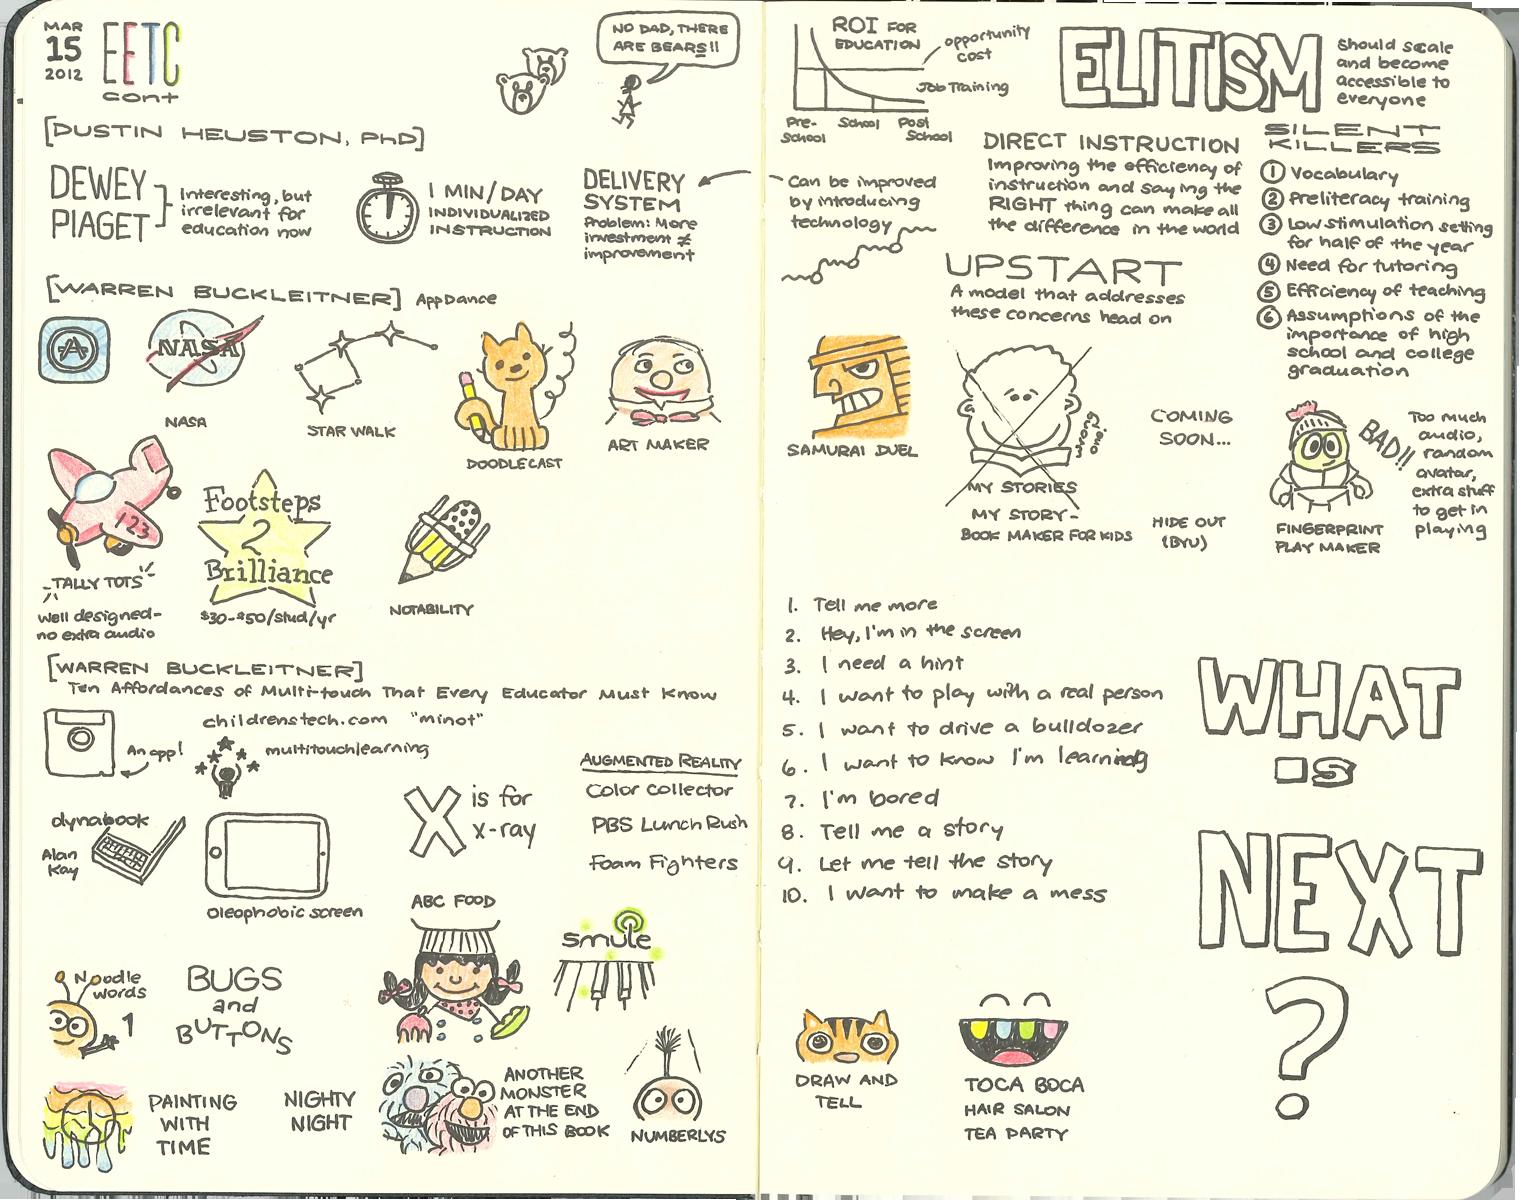 EETC 2012 Sketchnotes 2